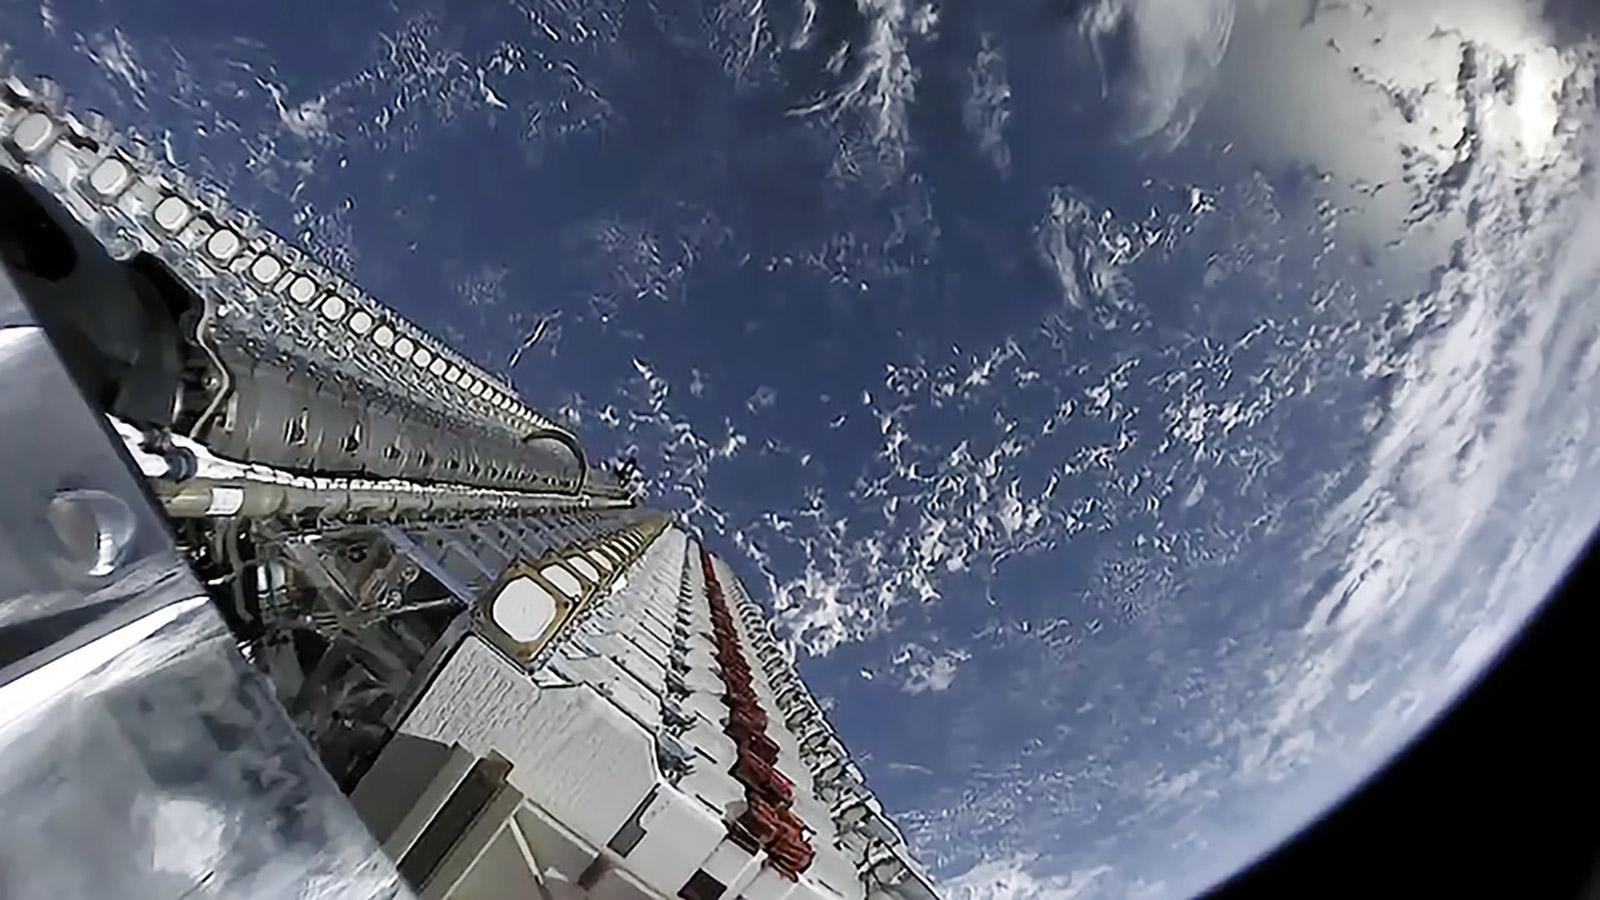 Los satélites SpaceX Starlink esperan para orbitar con la Tierra en segundo plano